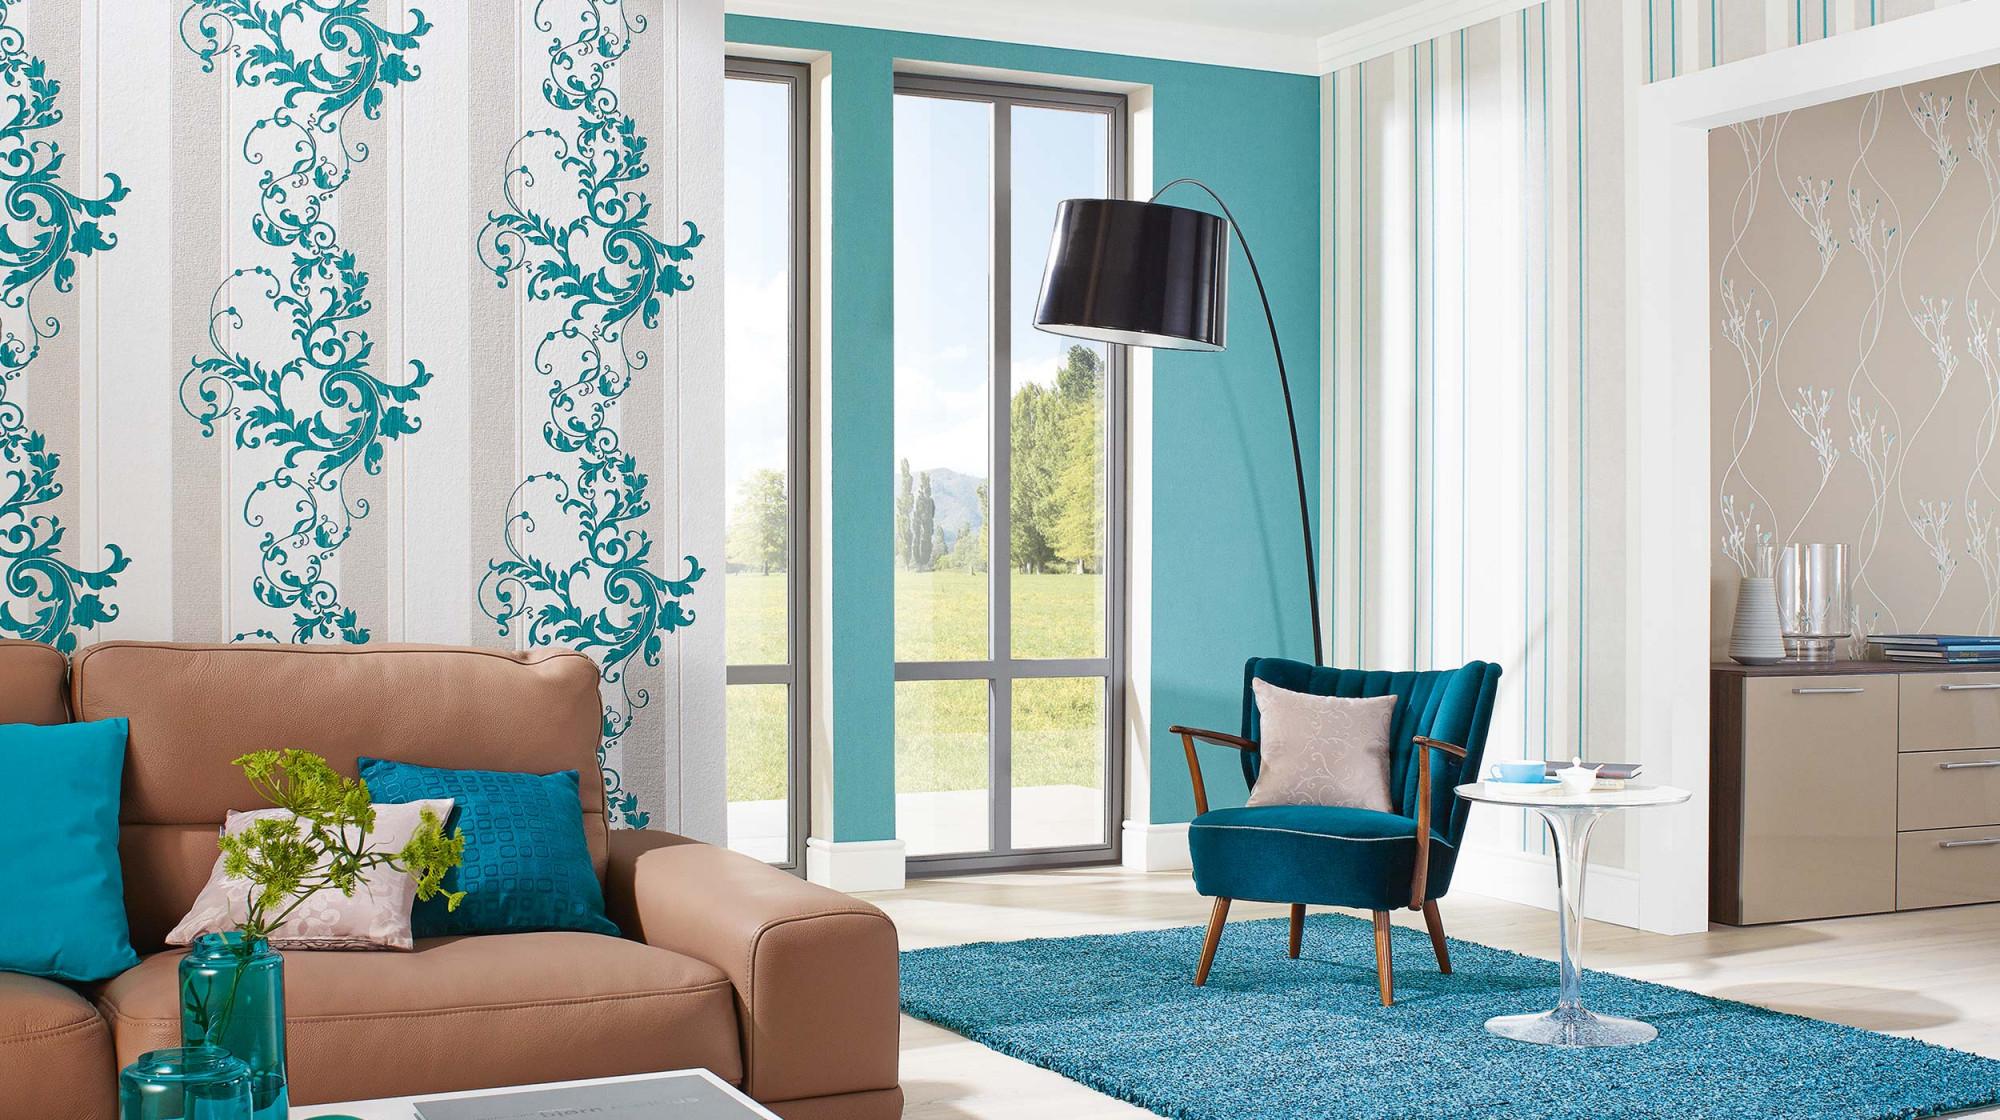 Tapetenmodernkollektionmyself (2)  Erismann  Cie Gmbh von Wohnzimmer Tapeten Modern Photo